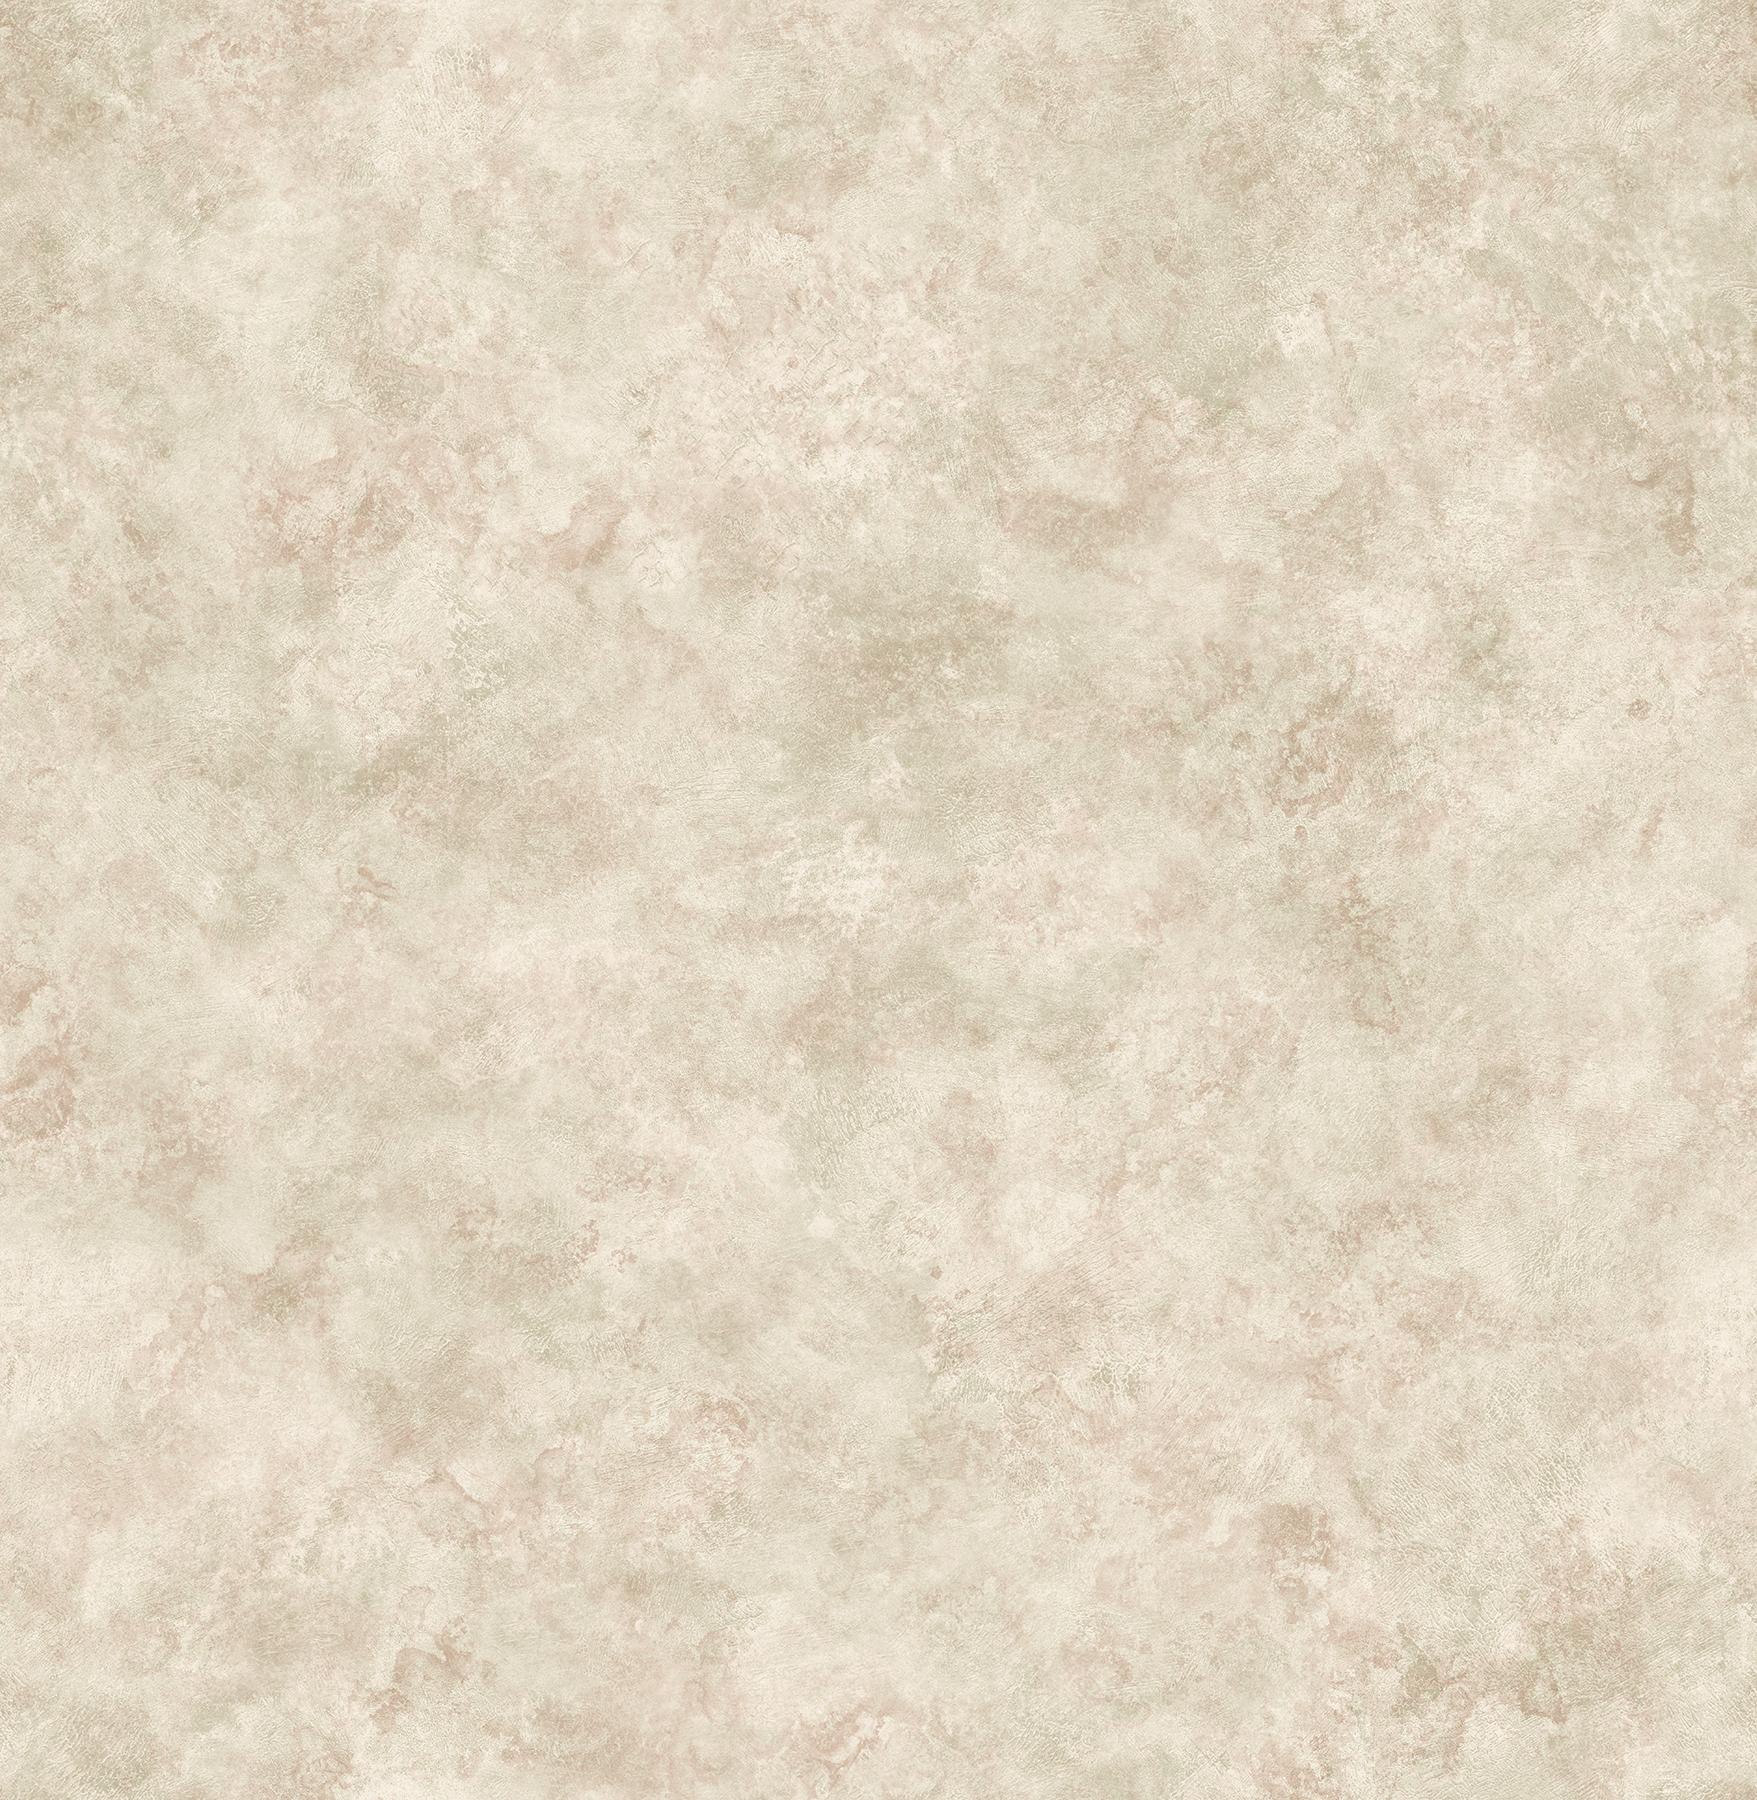 Picture of Astor Rust Texture Wallpaper